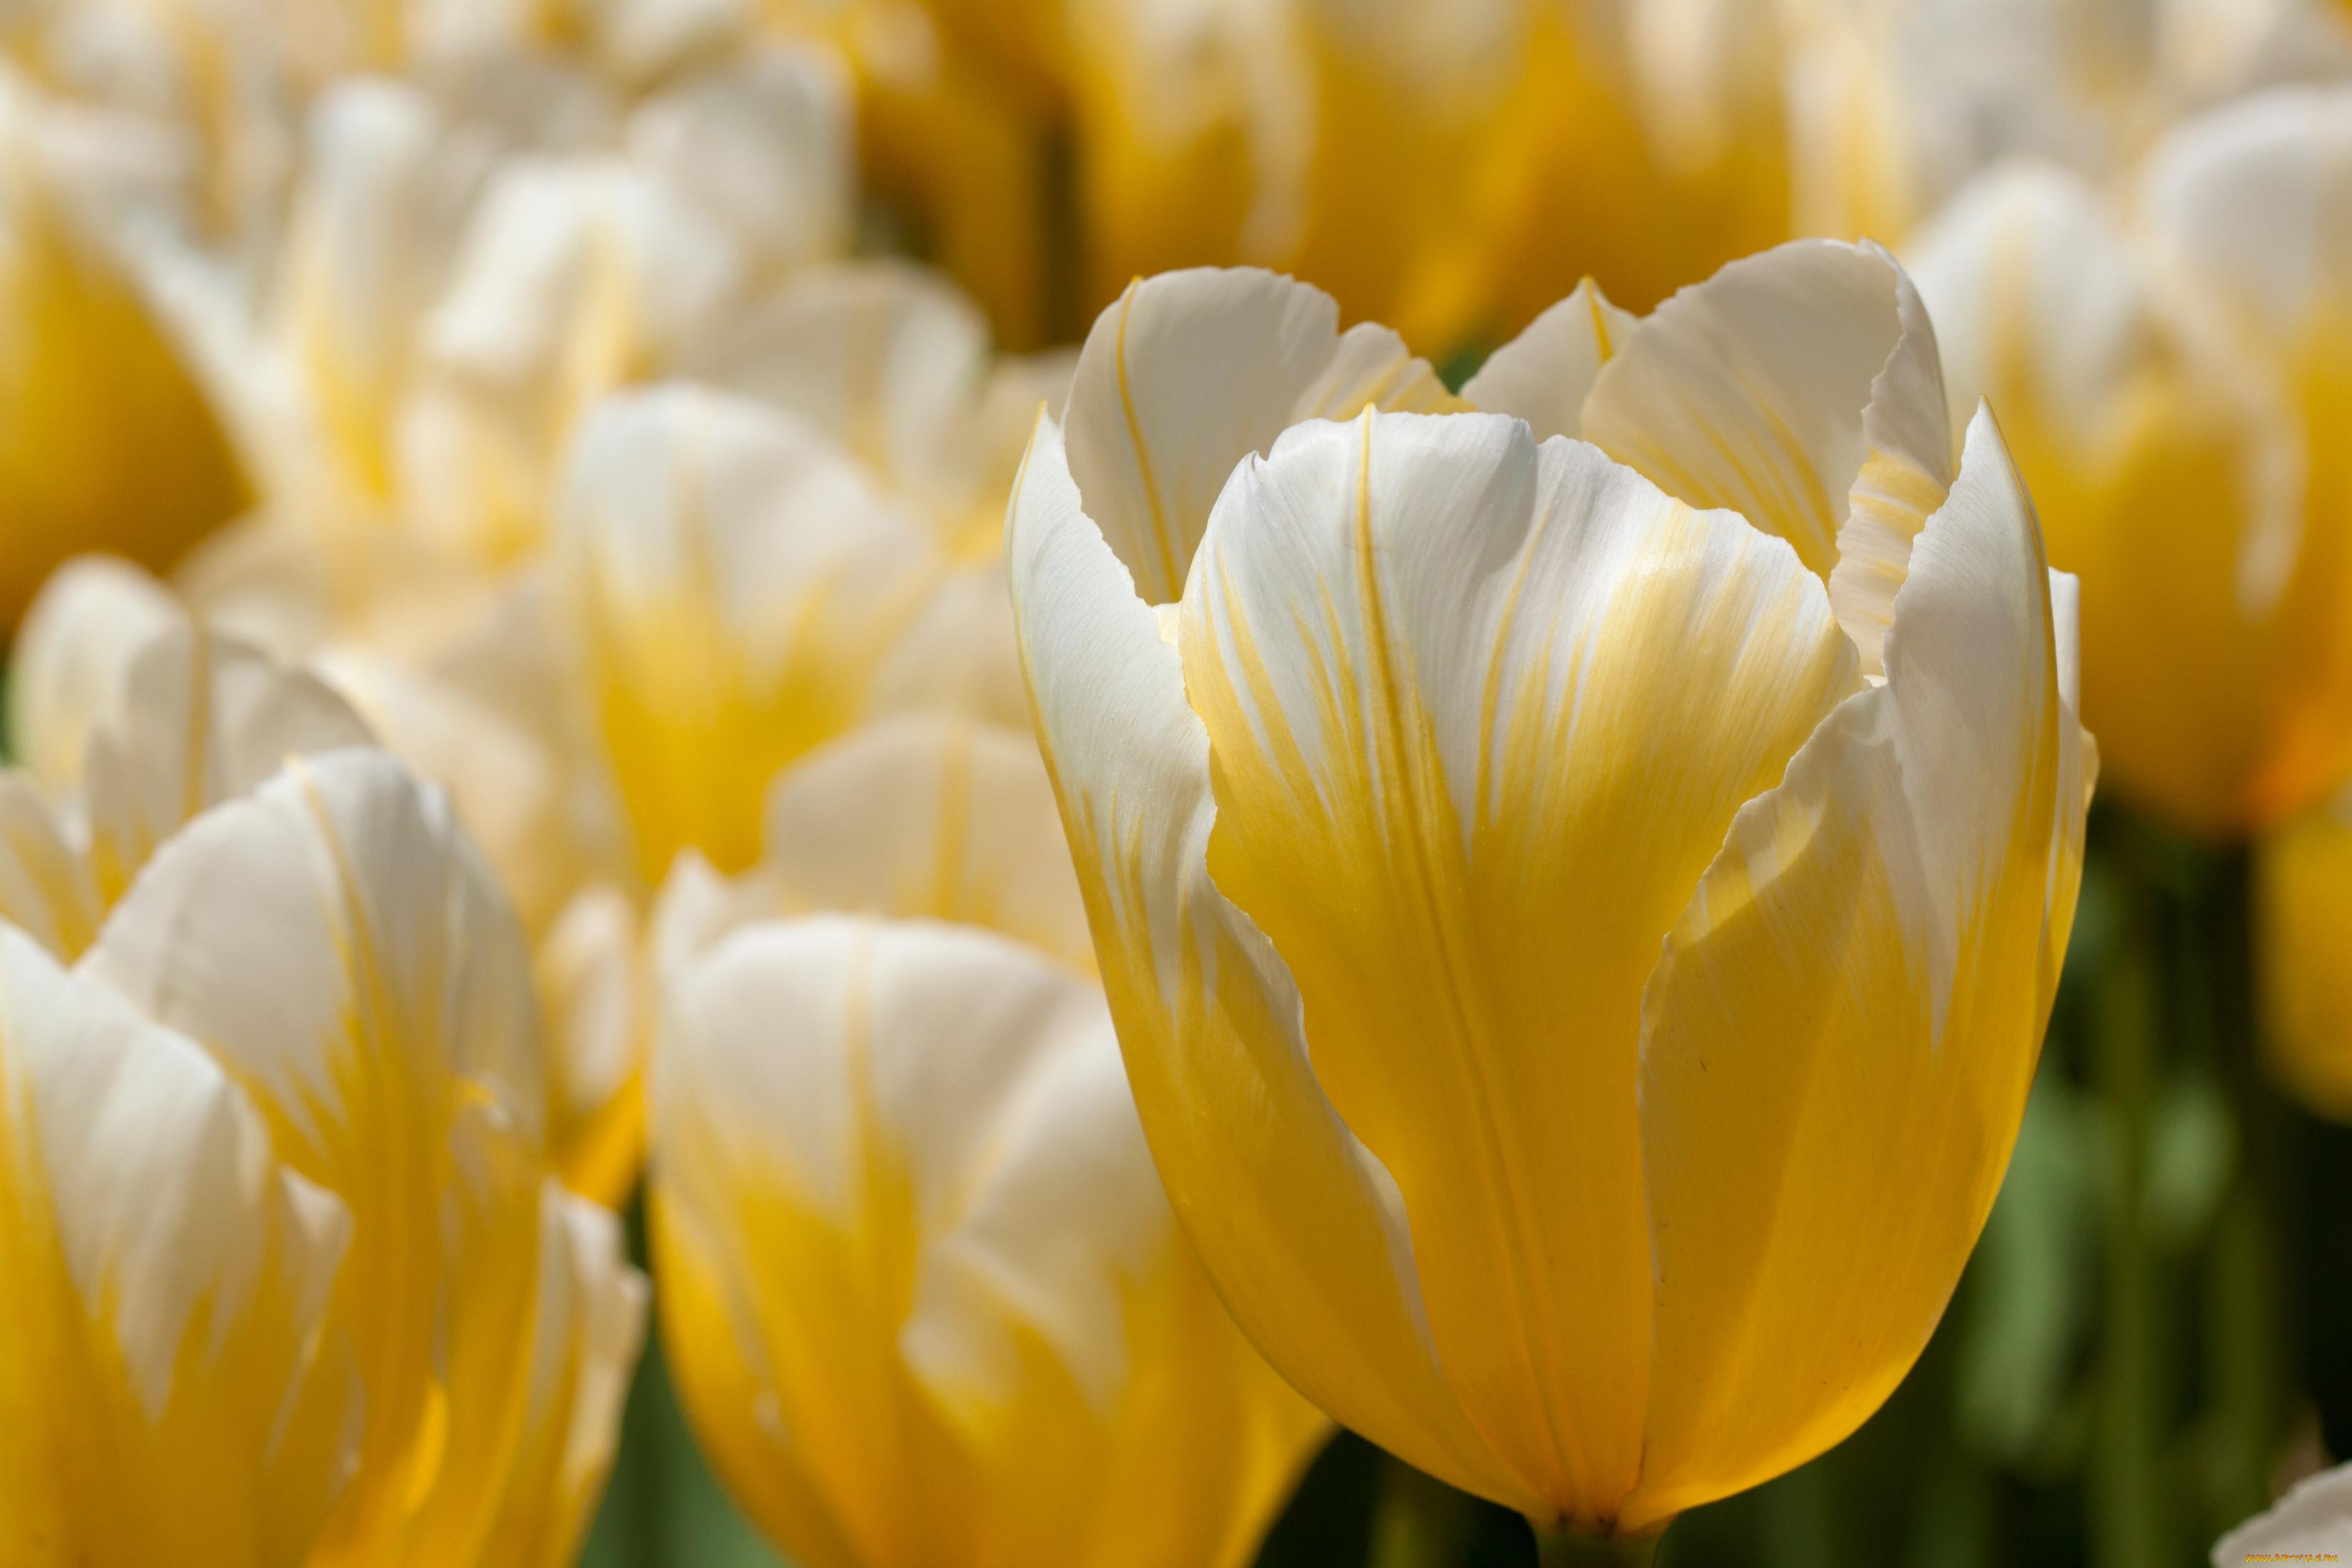 лимонные тюльпаны фото бумагу